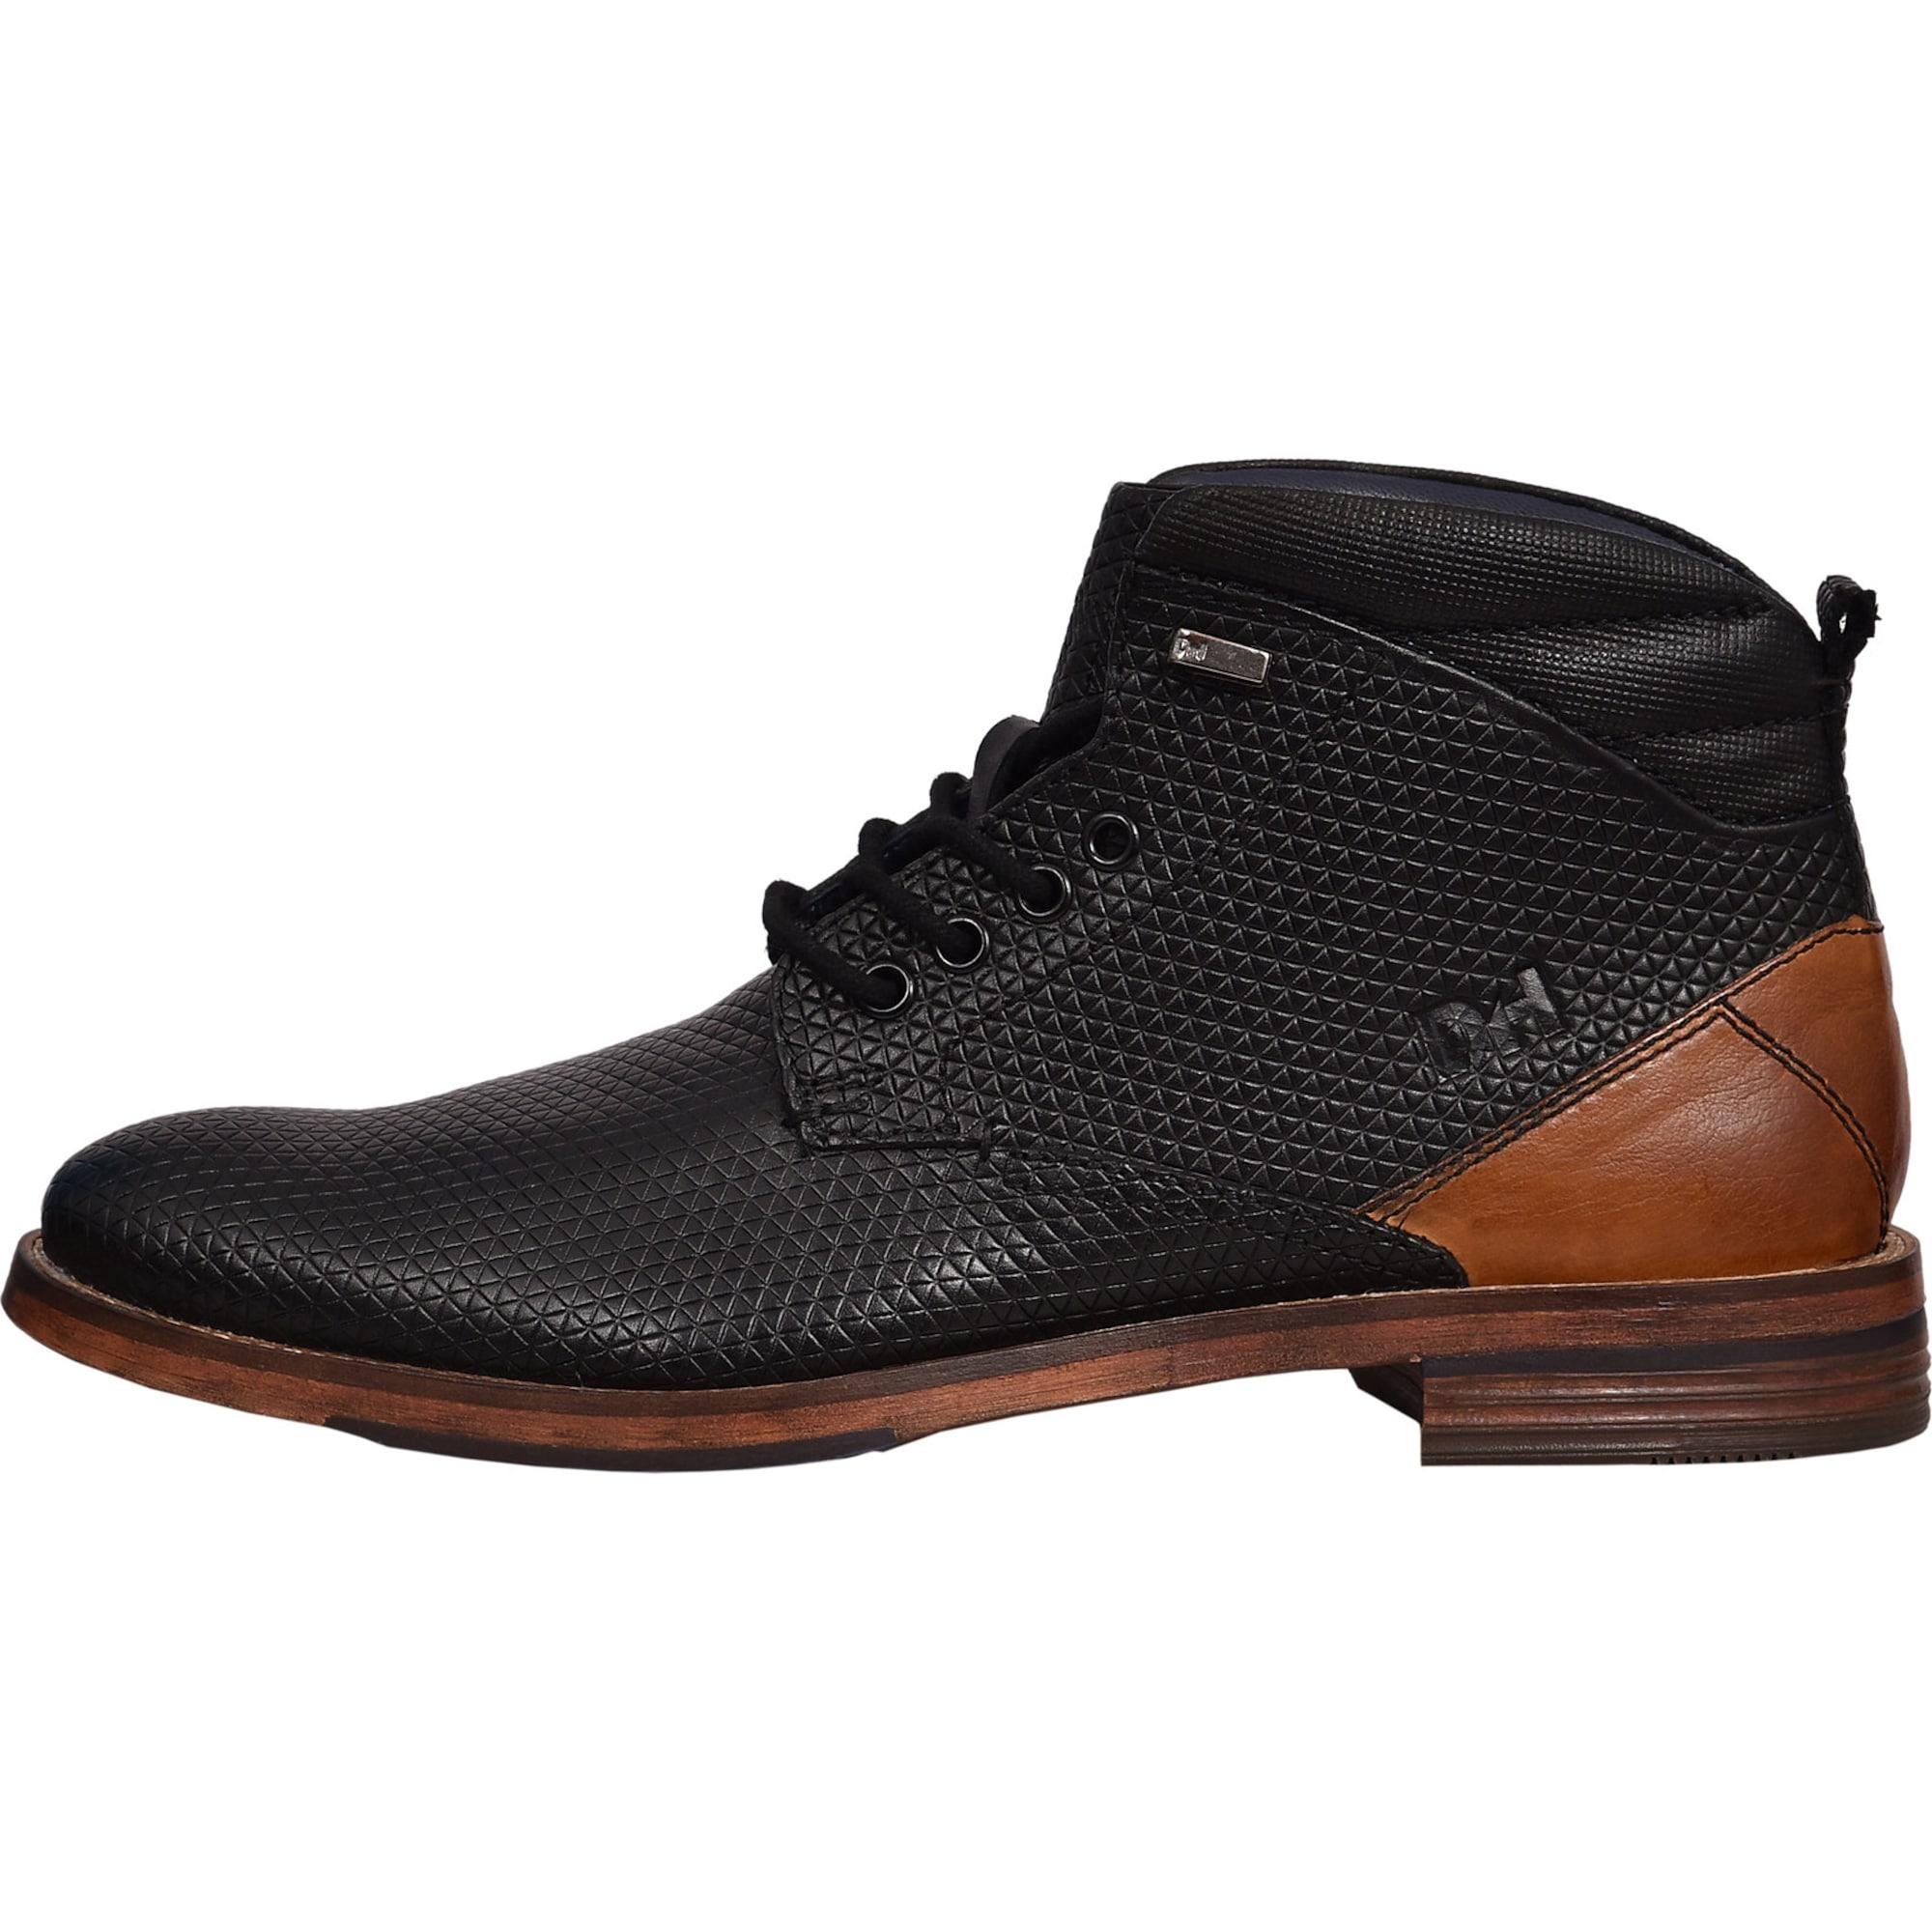 Schnürstiefel | Schuhe > Boots | Daniel Hechter